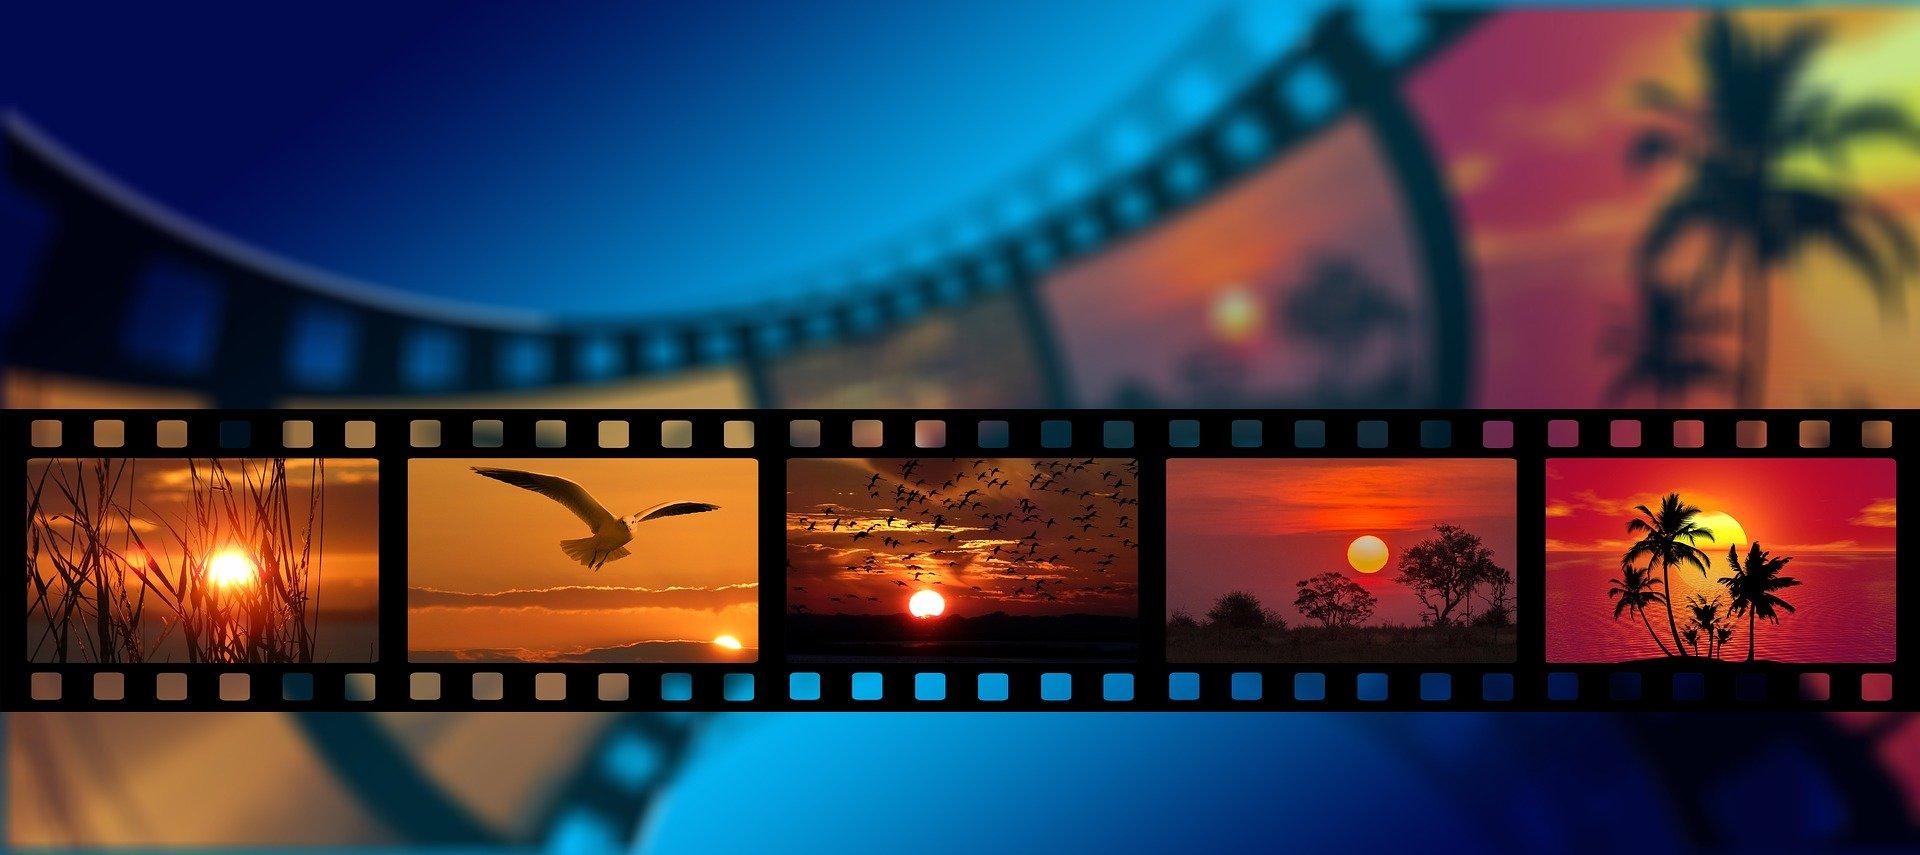 通販サイトには動画がおすすめ!wixで簡単に動画制作ができる?ノウハウ公開